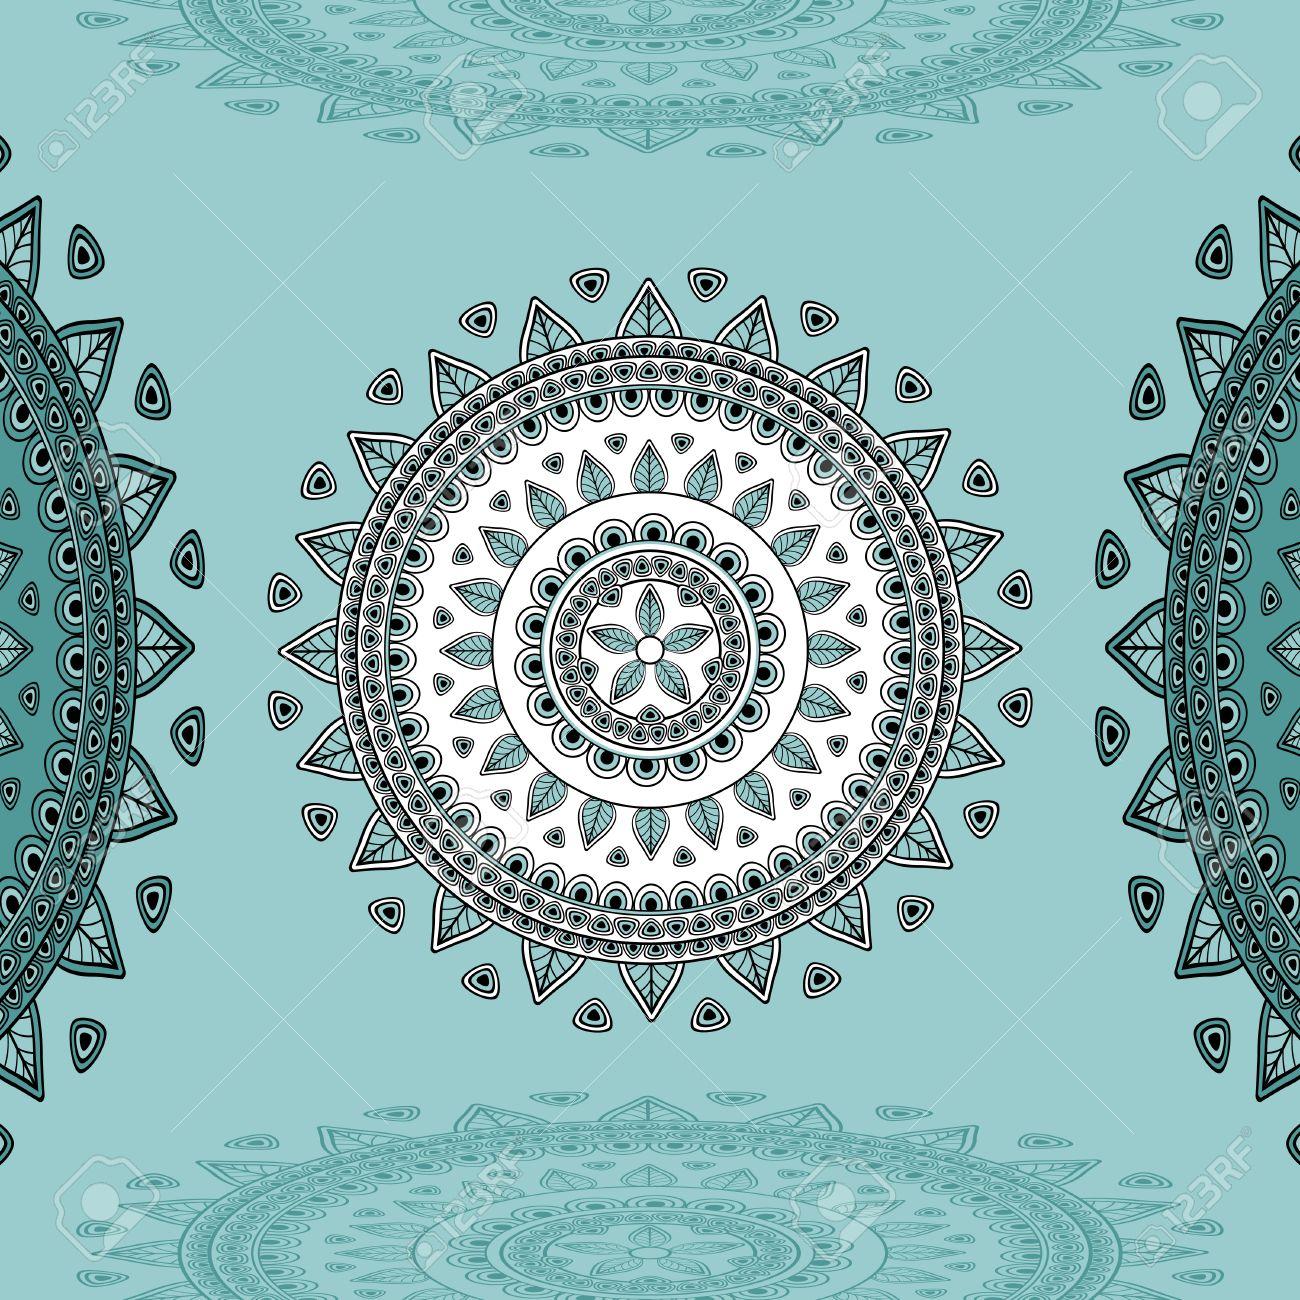 Decorar Cosas Arabes.Ornamento Circular En Fondo Azul Marino Para Los Elementos De Diseno O Para La Decoracion De Interiores En Este O En La India O En Estilo Arabe O Para